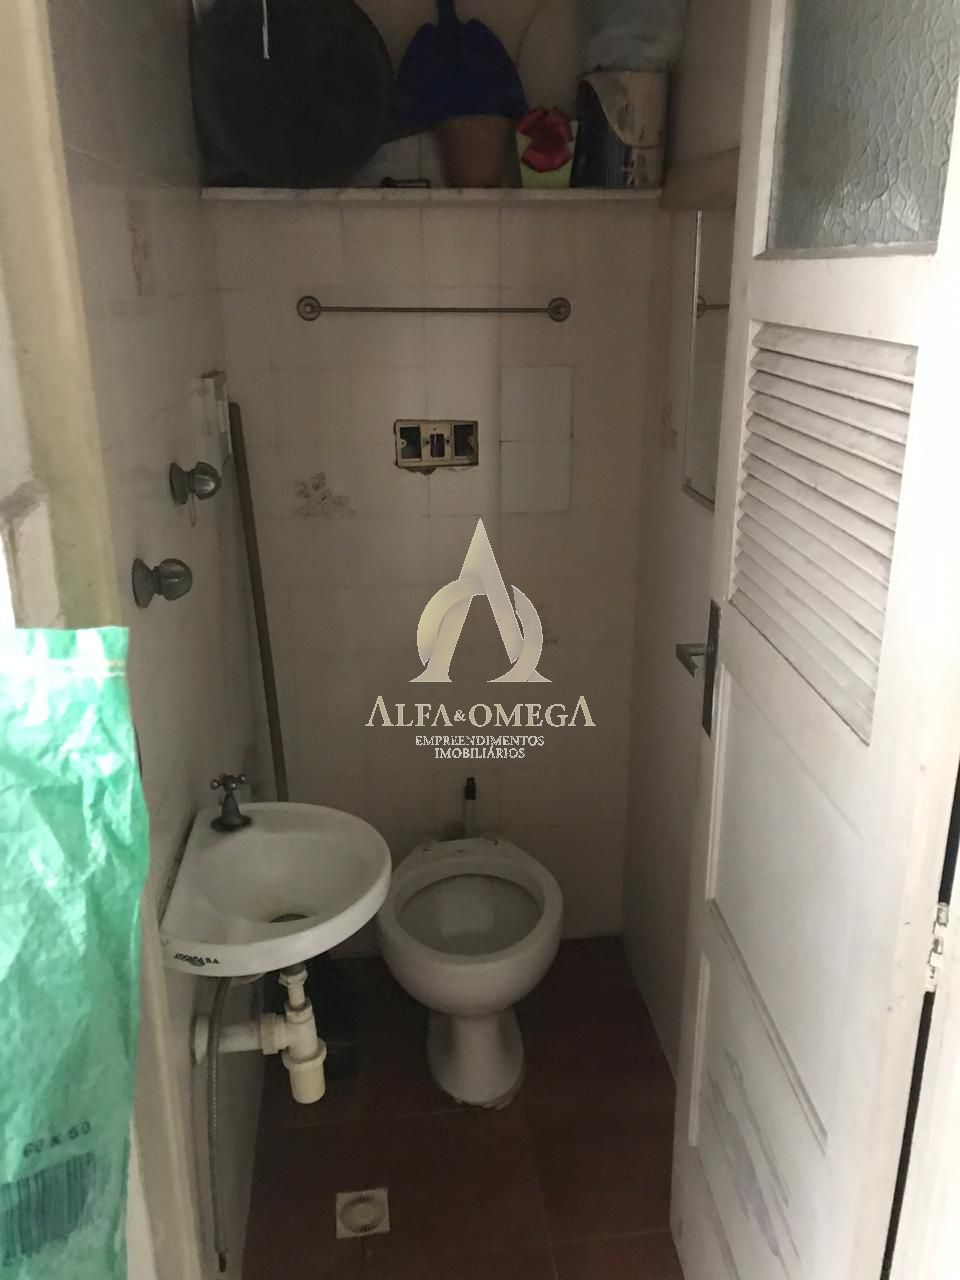 FOTO 11 - Apartamento Copacabana, Rio de Janeiro, RJ À Venda, 3 Quartos, 140m² - AOJ30003 - 12